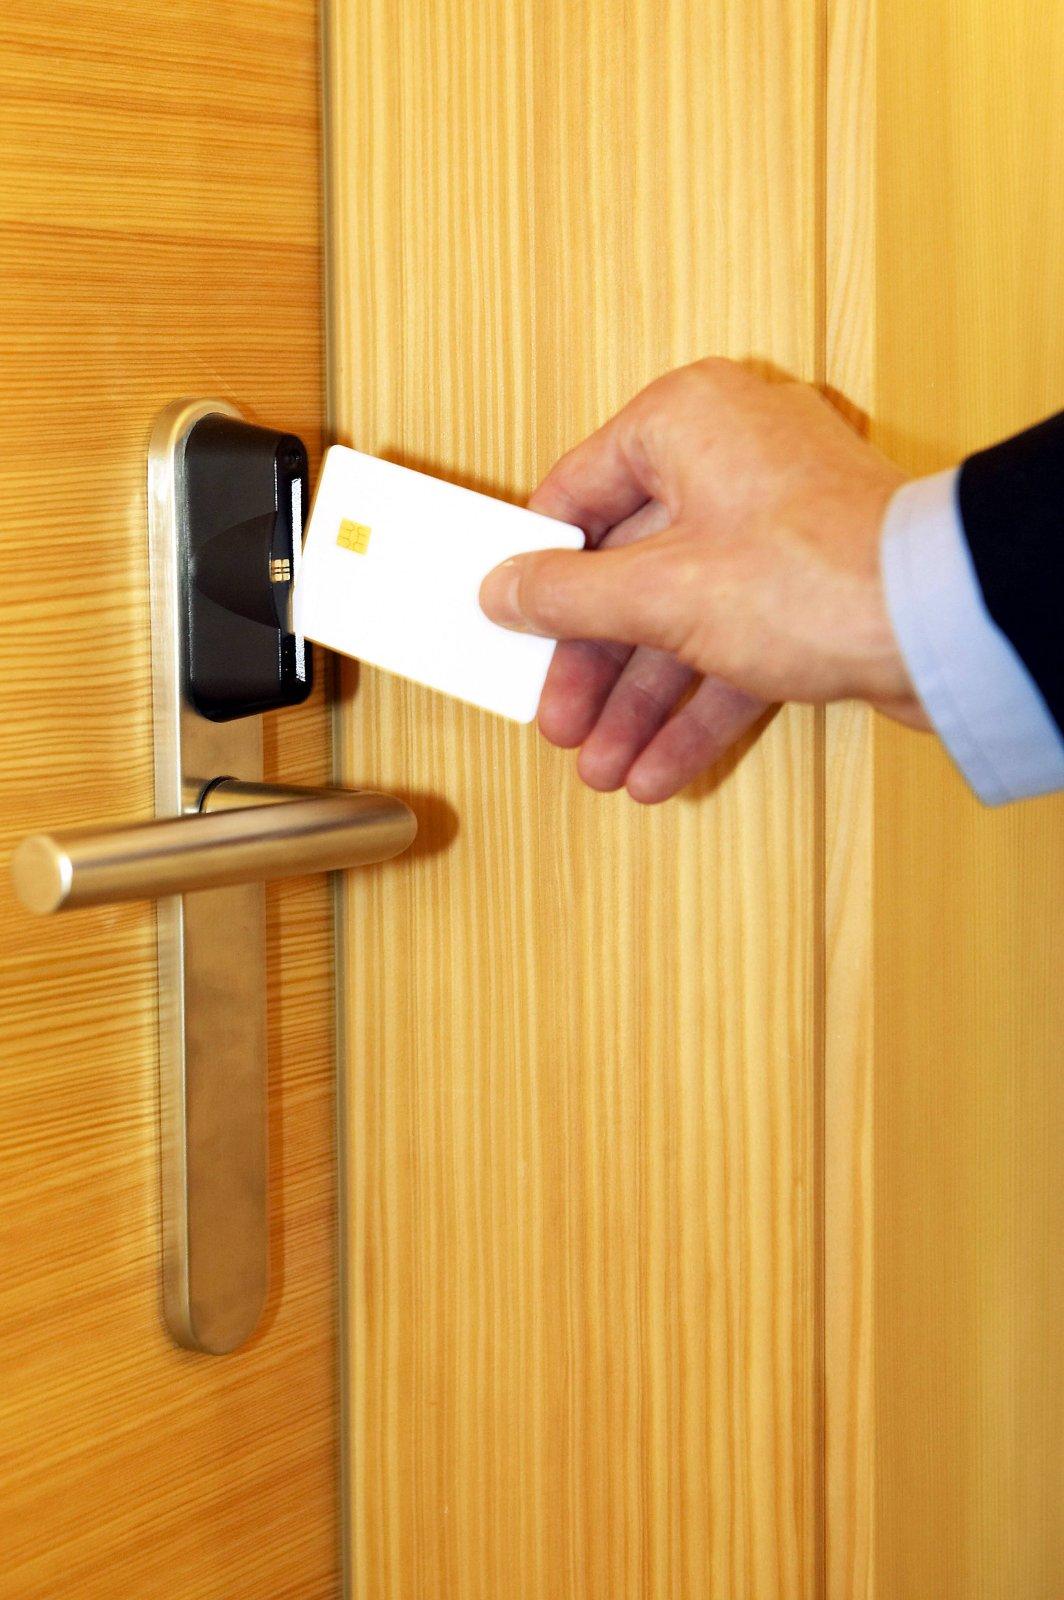 Tür mit Schlüsselkarte öffnen